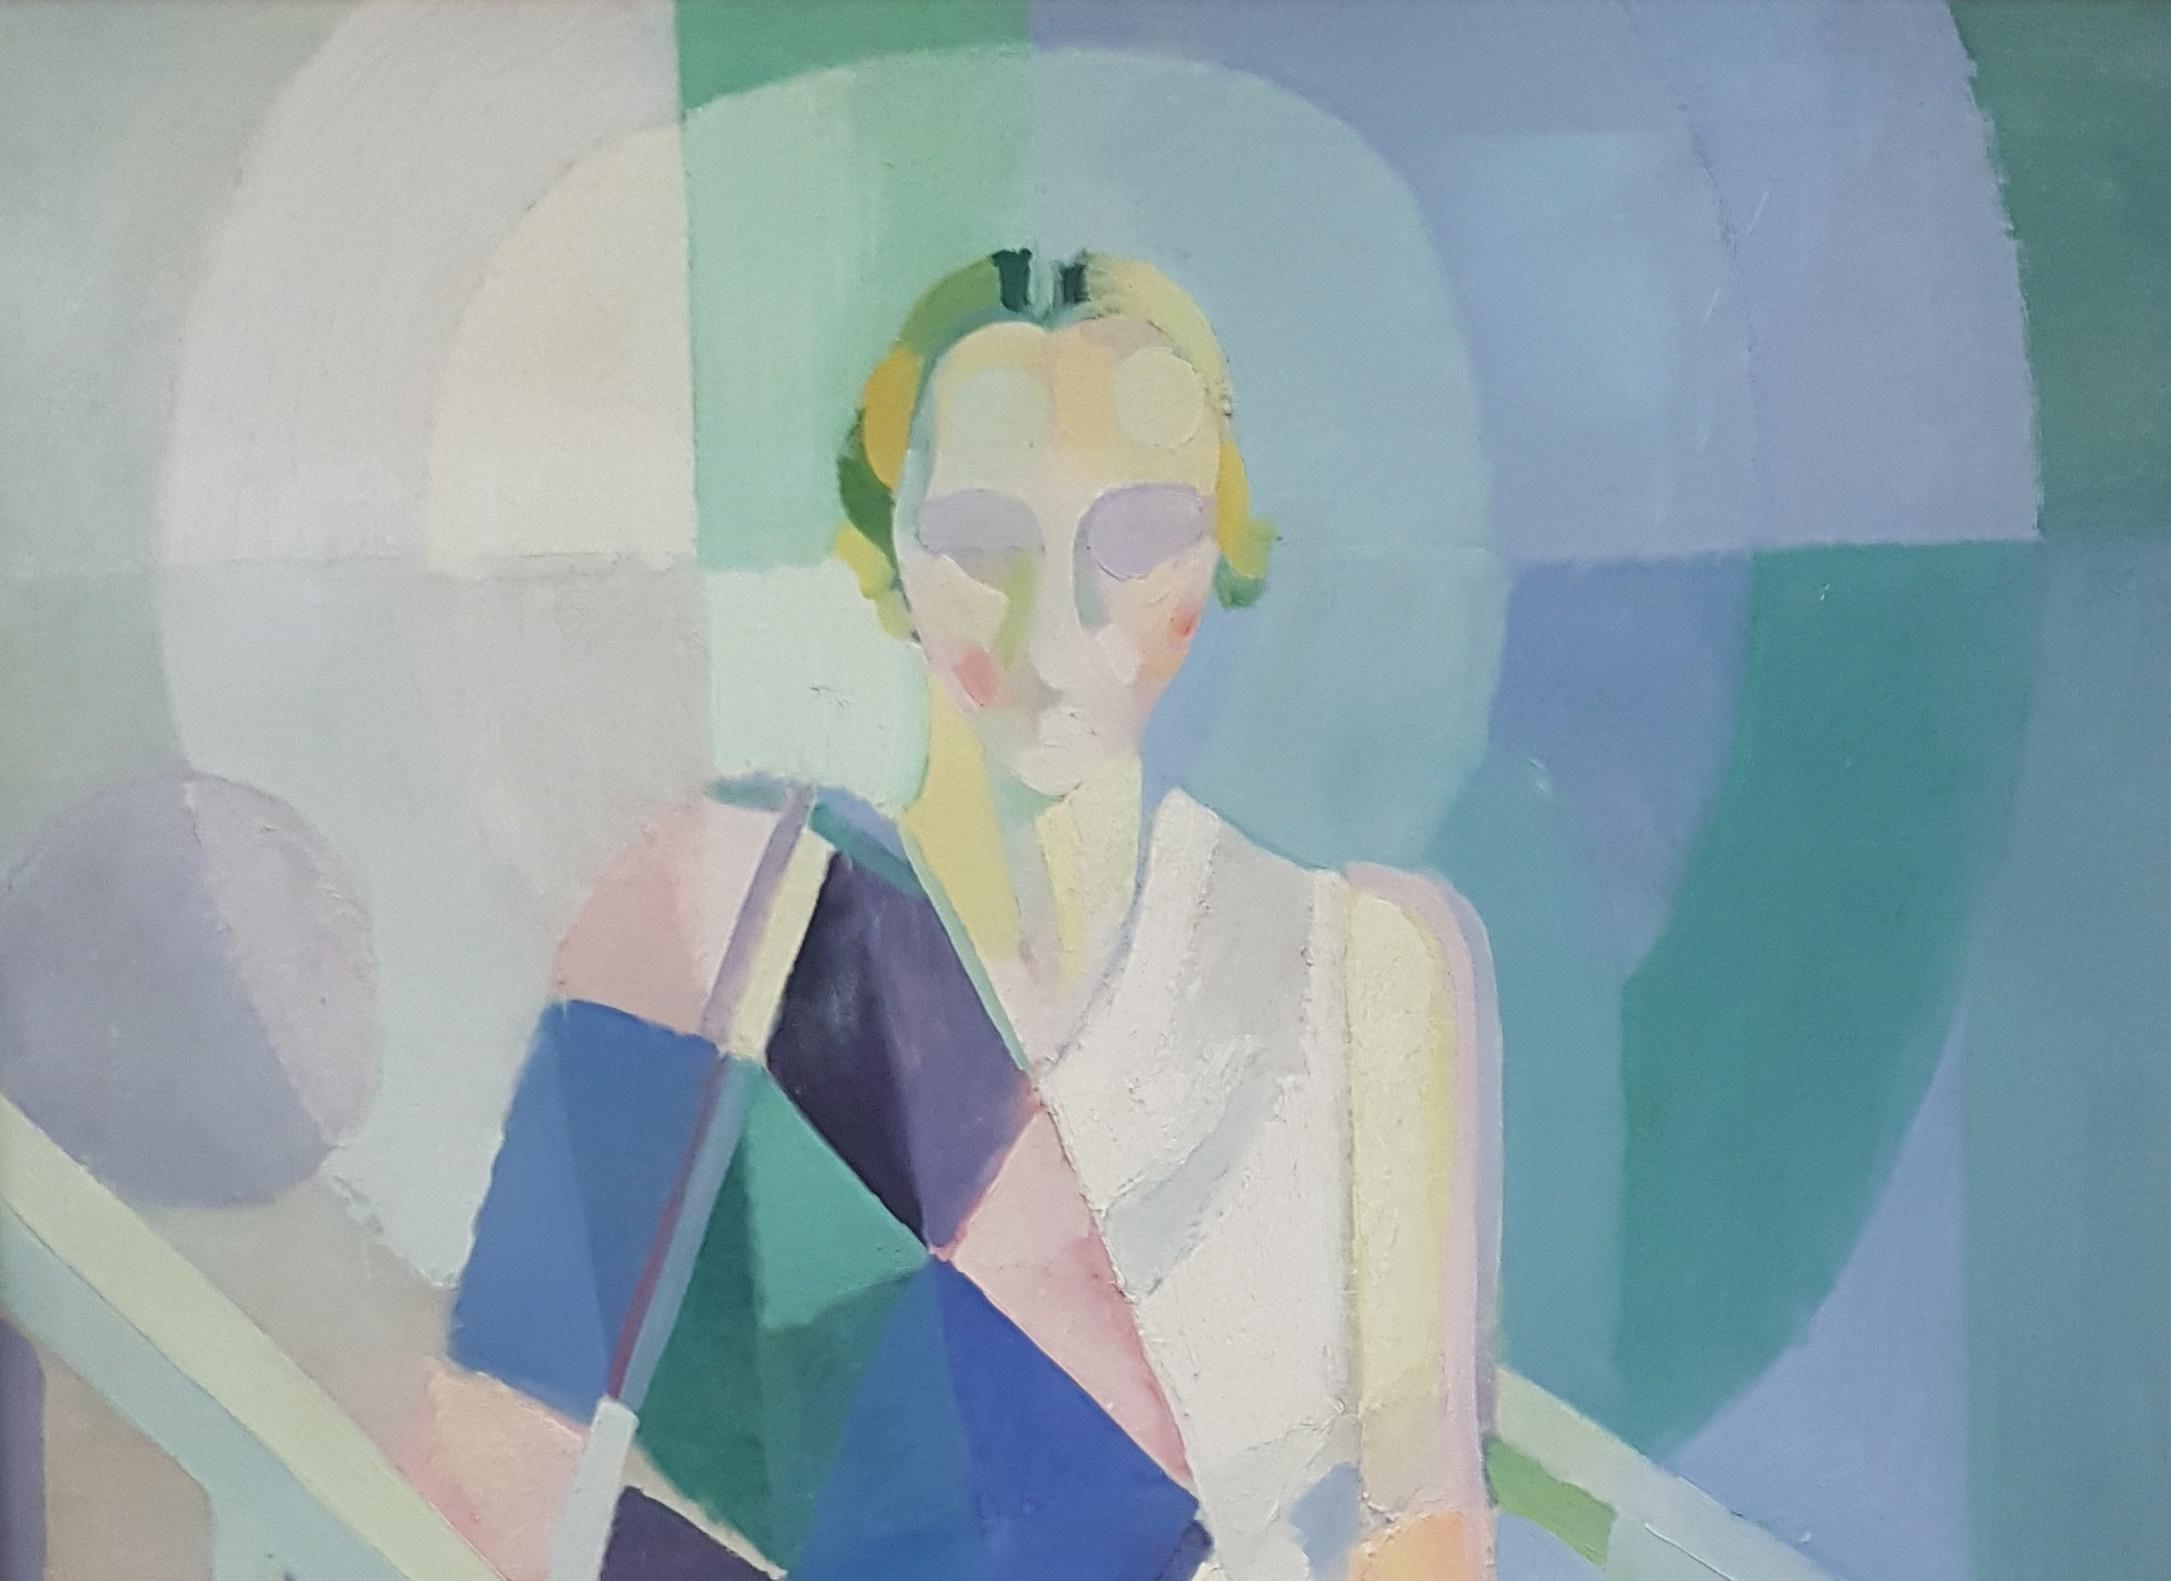 Peinture aux teintes pastel représentant une femme assise, vêtue d'une robe blanche et portant un châle multicolore sur son épaule droite